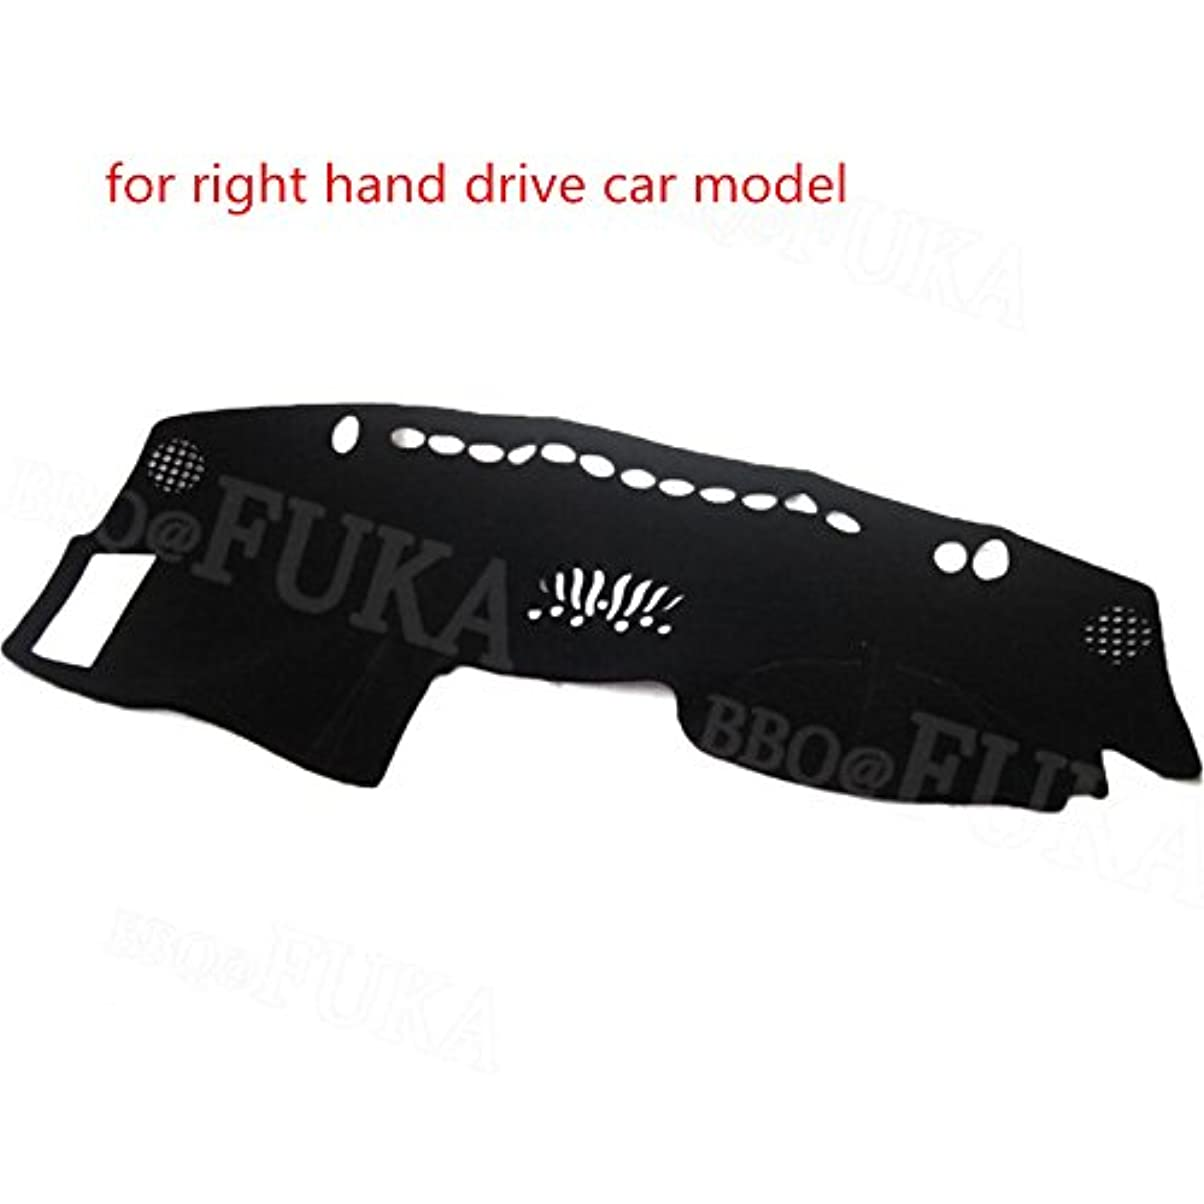 台風銀河実業家Jicorzo - Car Dashboard Dash Mat Dashmat Cover Car Part Styling Pad Fit for Nissan Infiniti FX35 FX45 FX50 RHD And LHD 2003-2008 [Black]